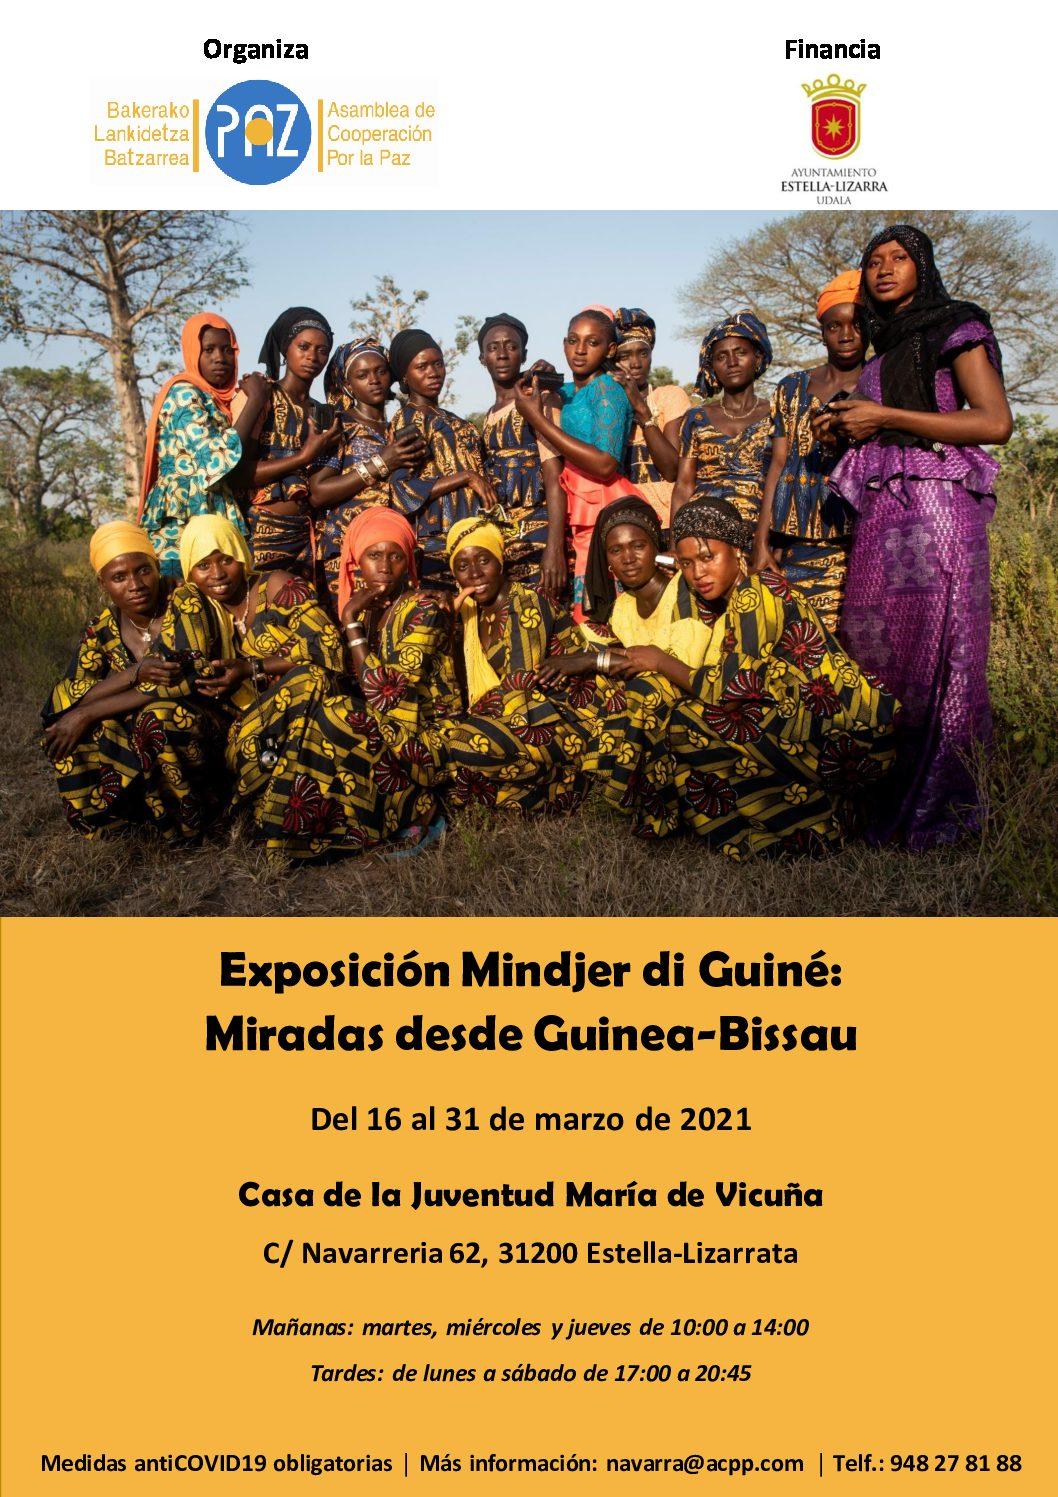 Exposición Mindjer di Guiné: Miradas desde Guinea-Bissao